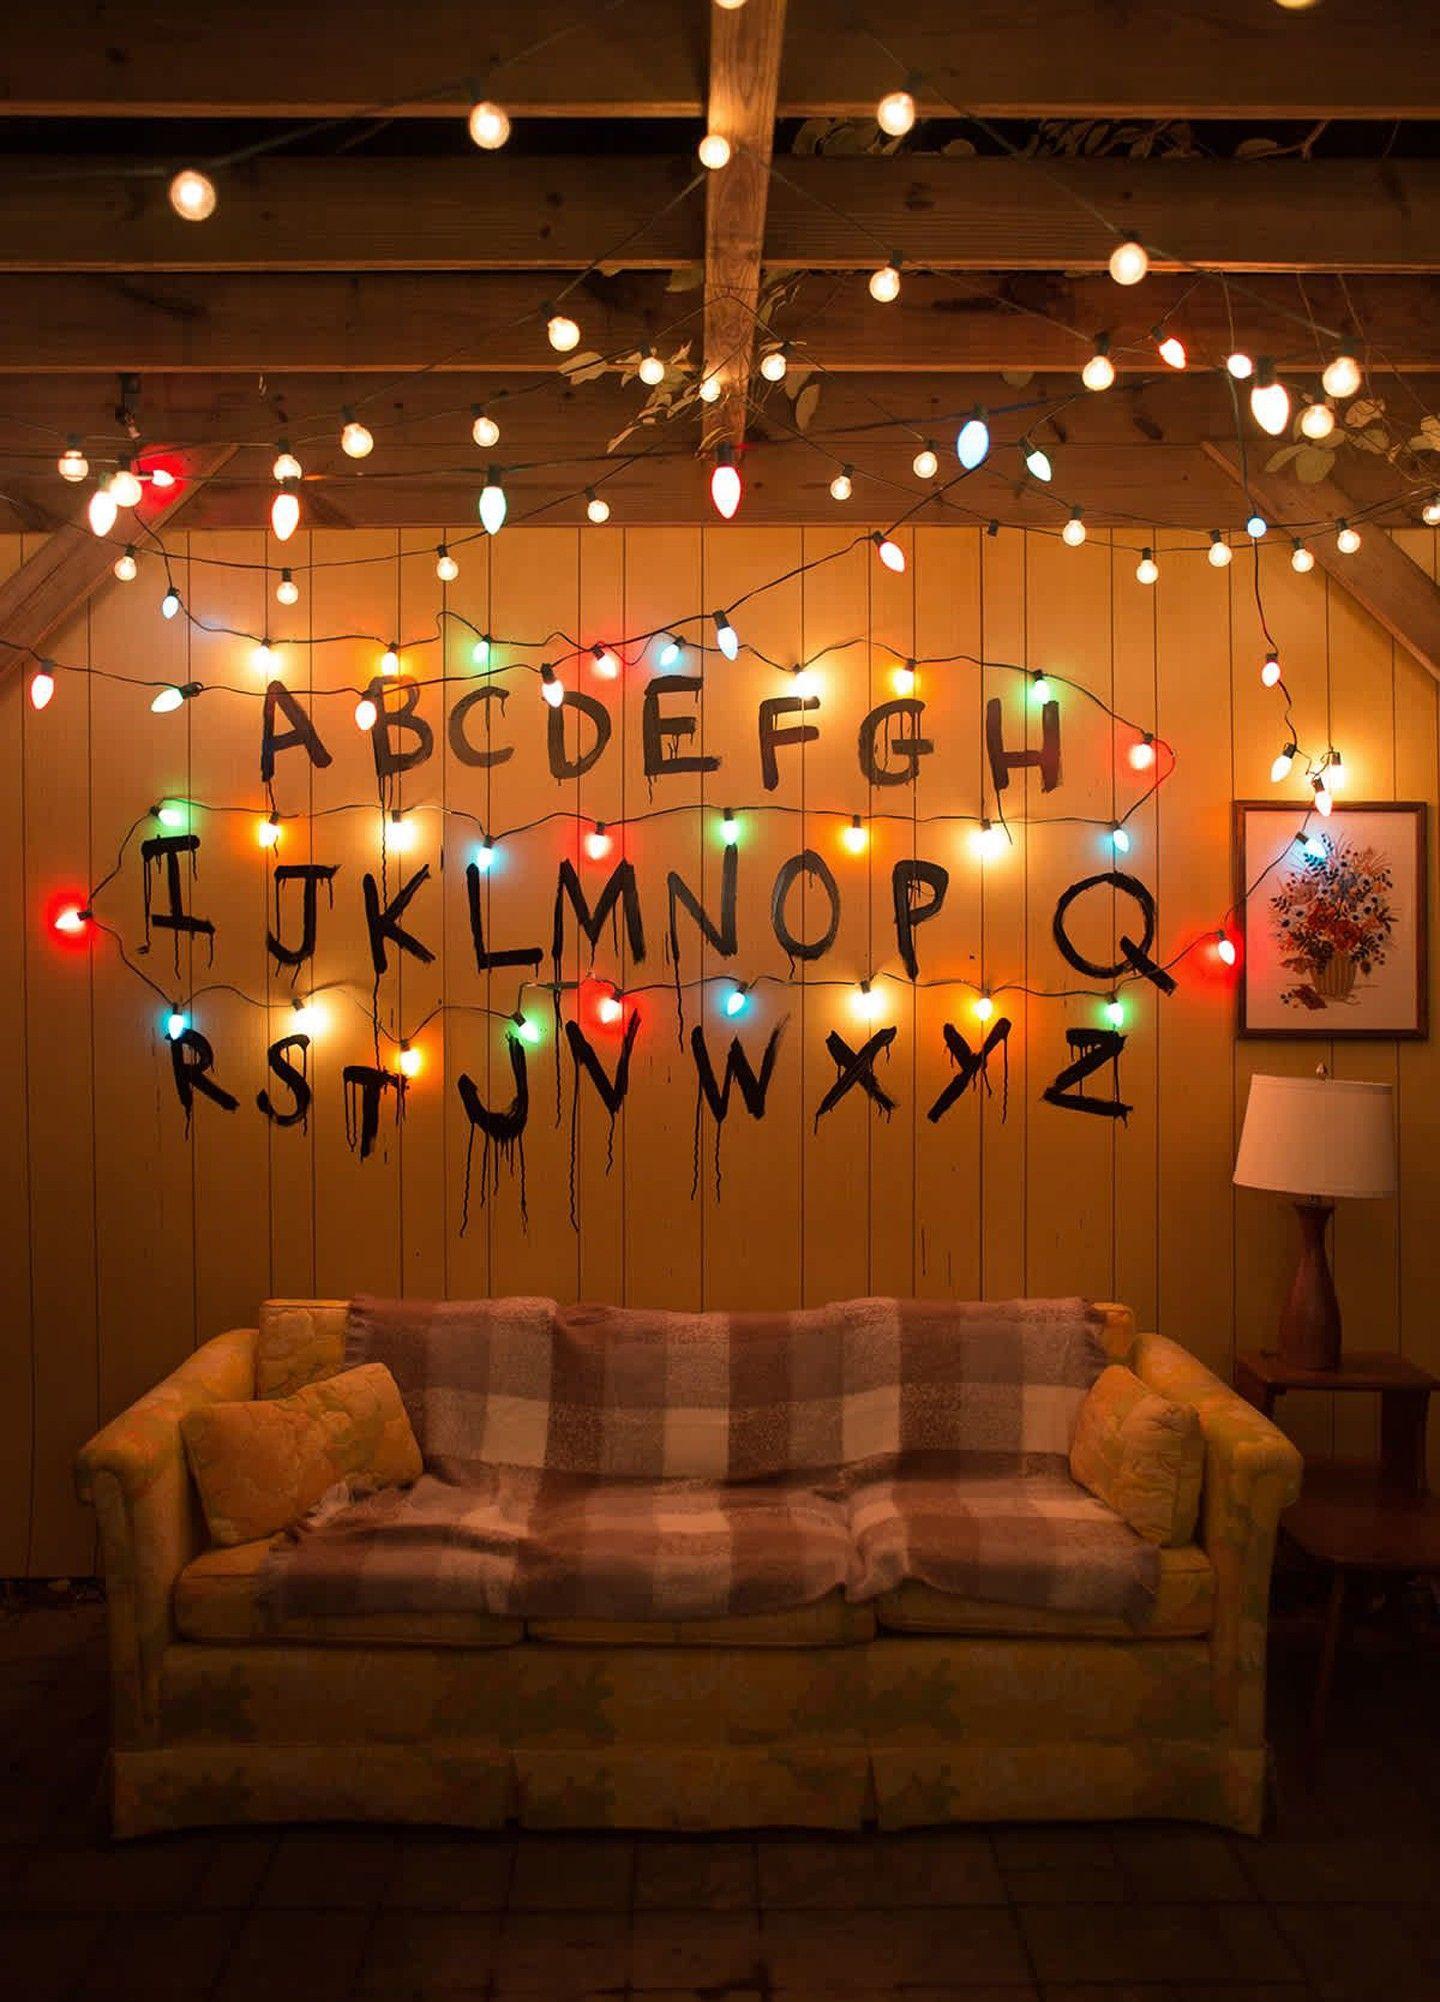 Halloween e Stranger Things: 9 ideias de decoração inspiradas na série